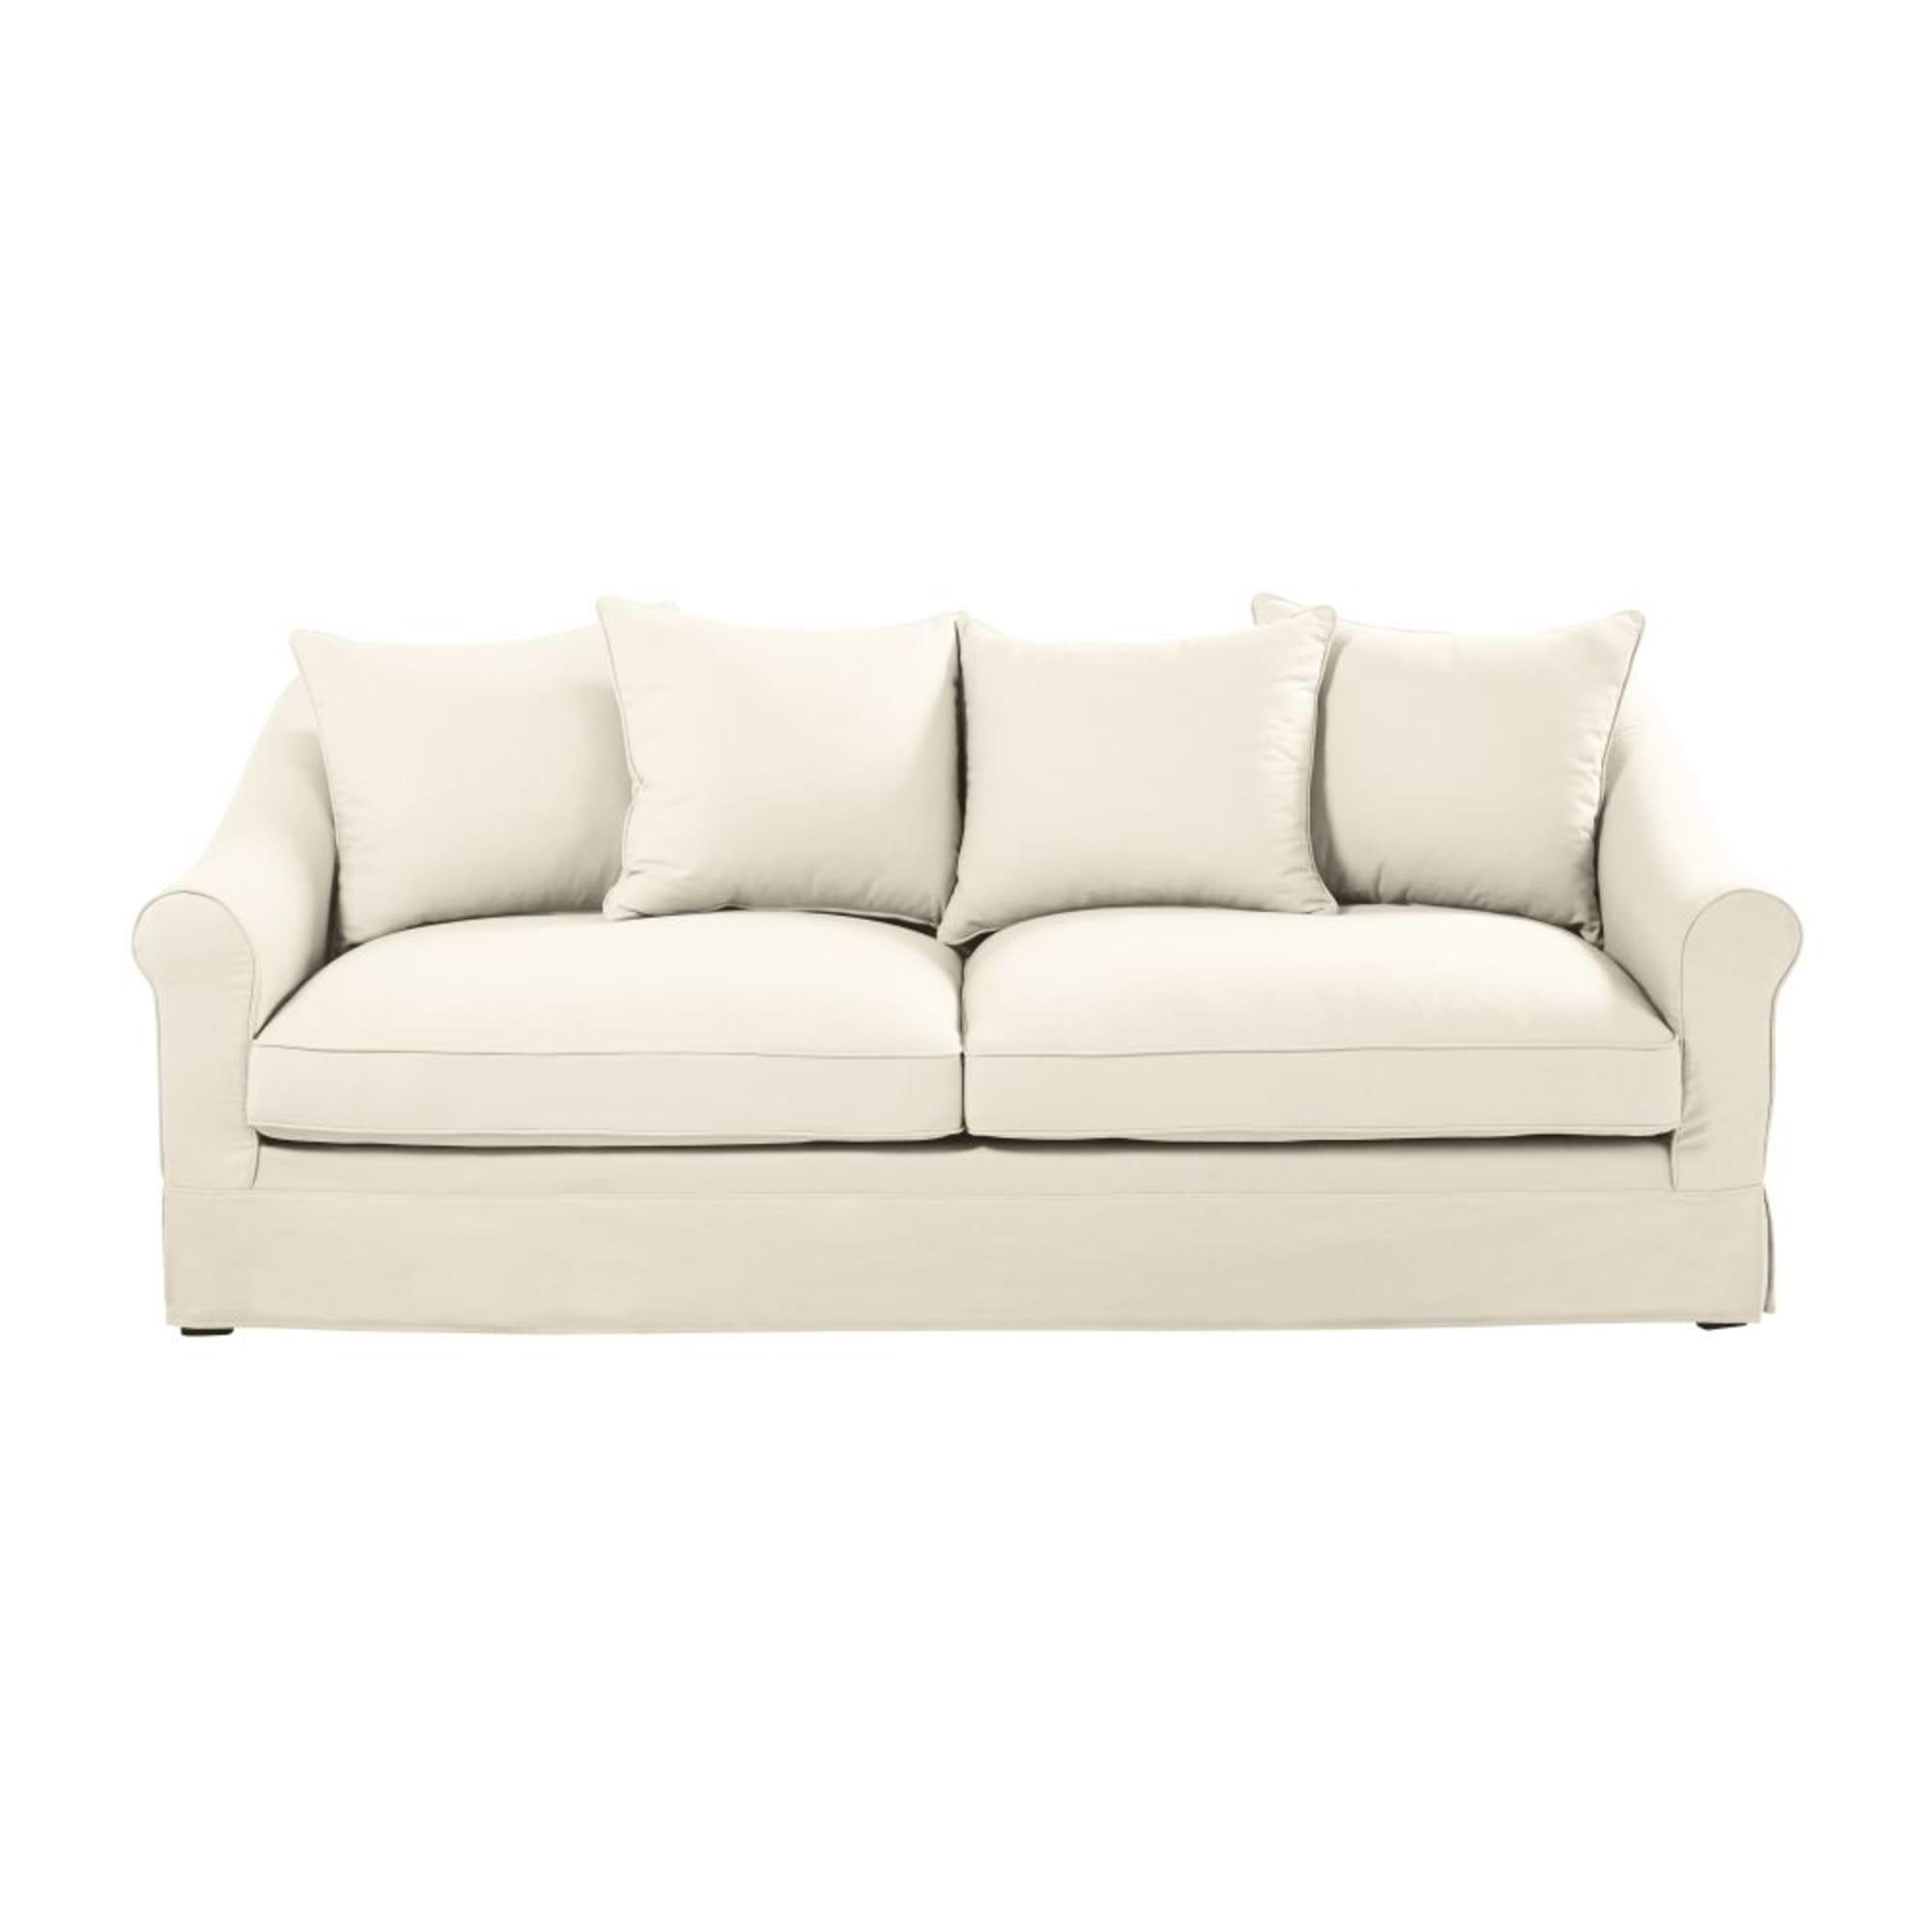 JOANNE - Sofá cama de 3/4 plazas de algodón color marfil